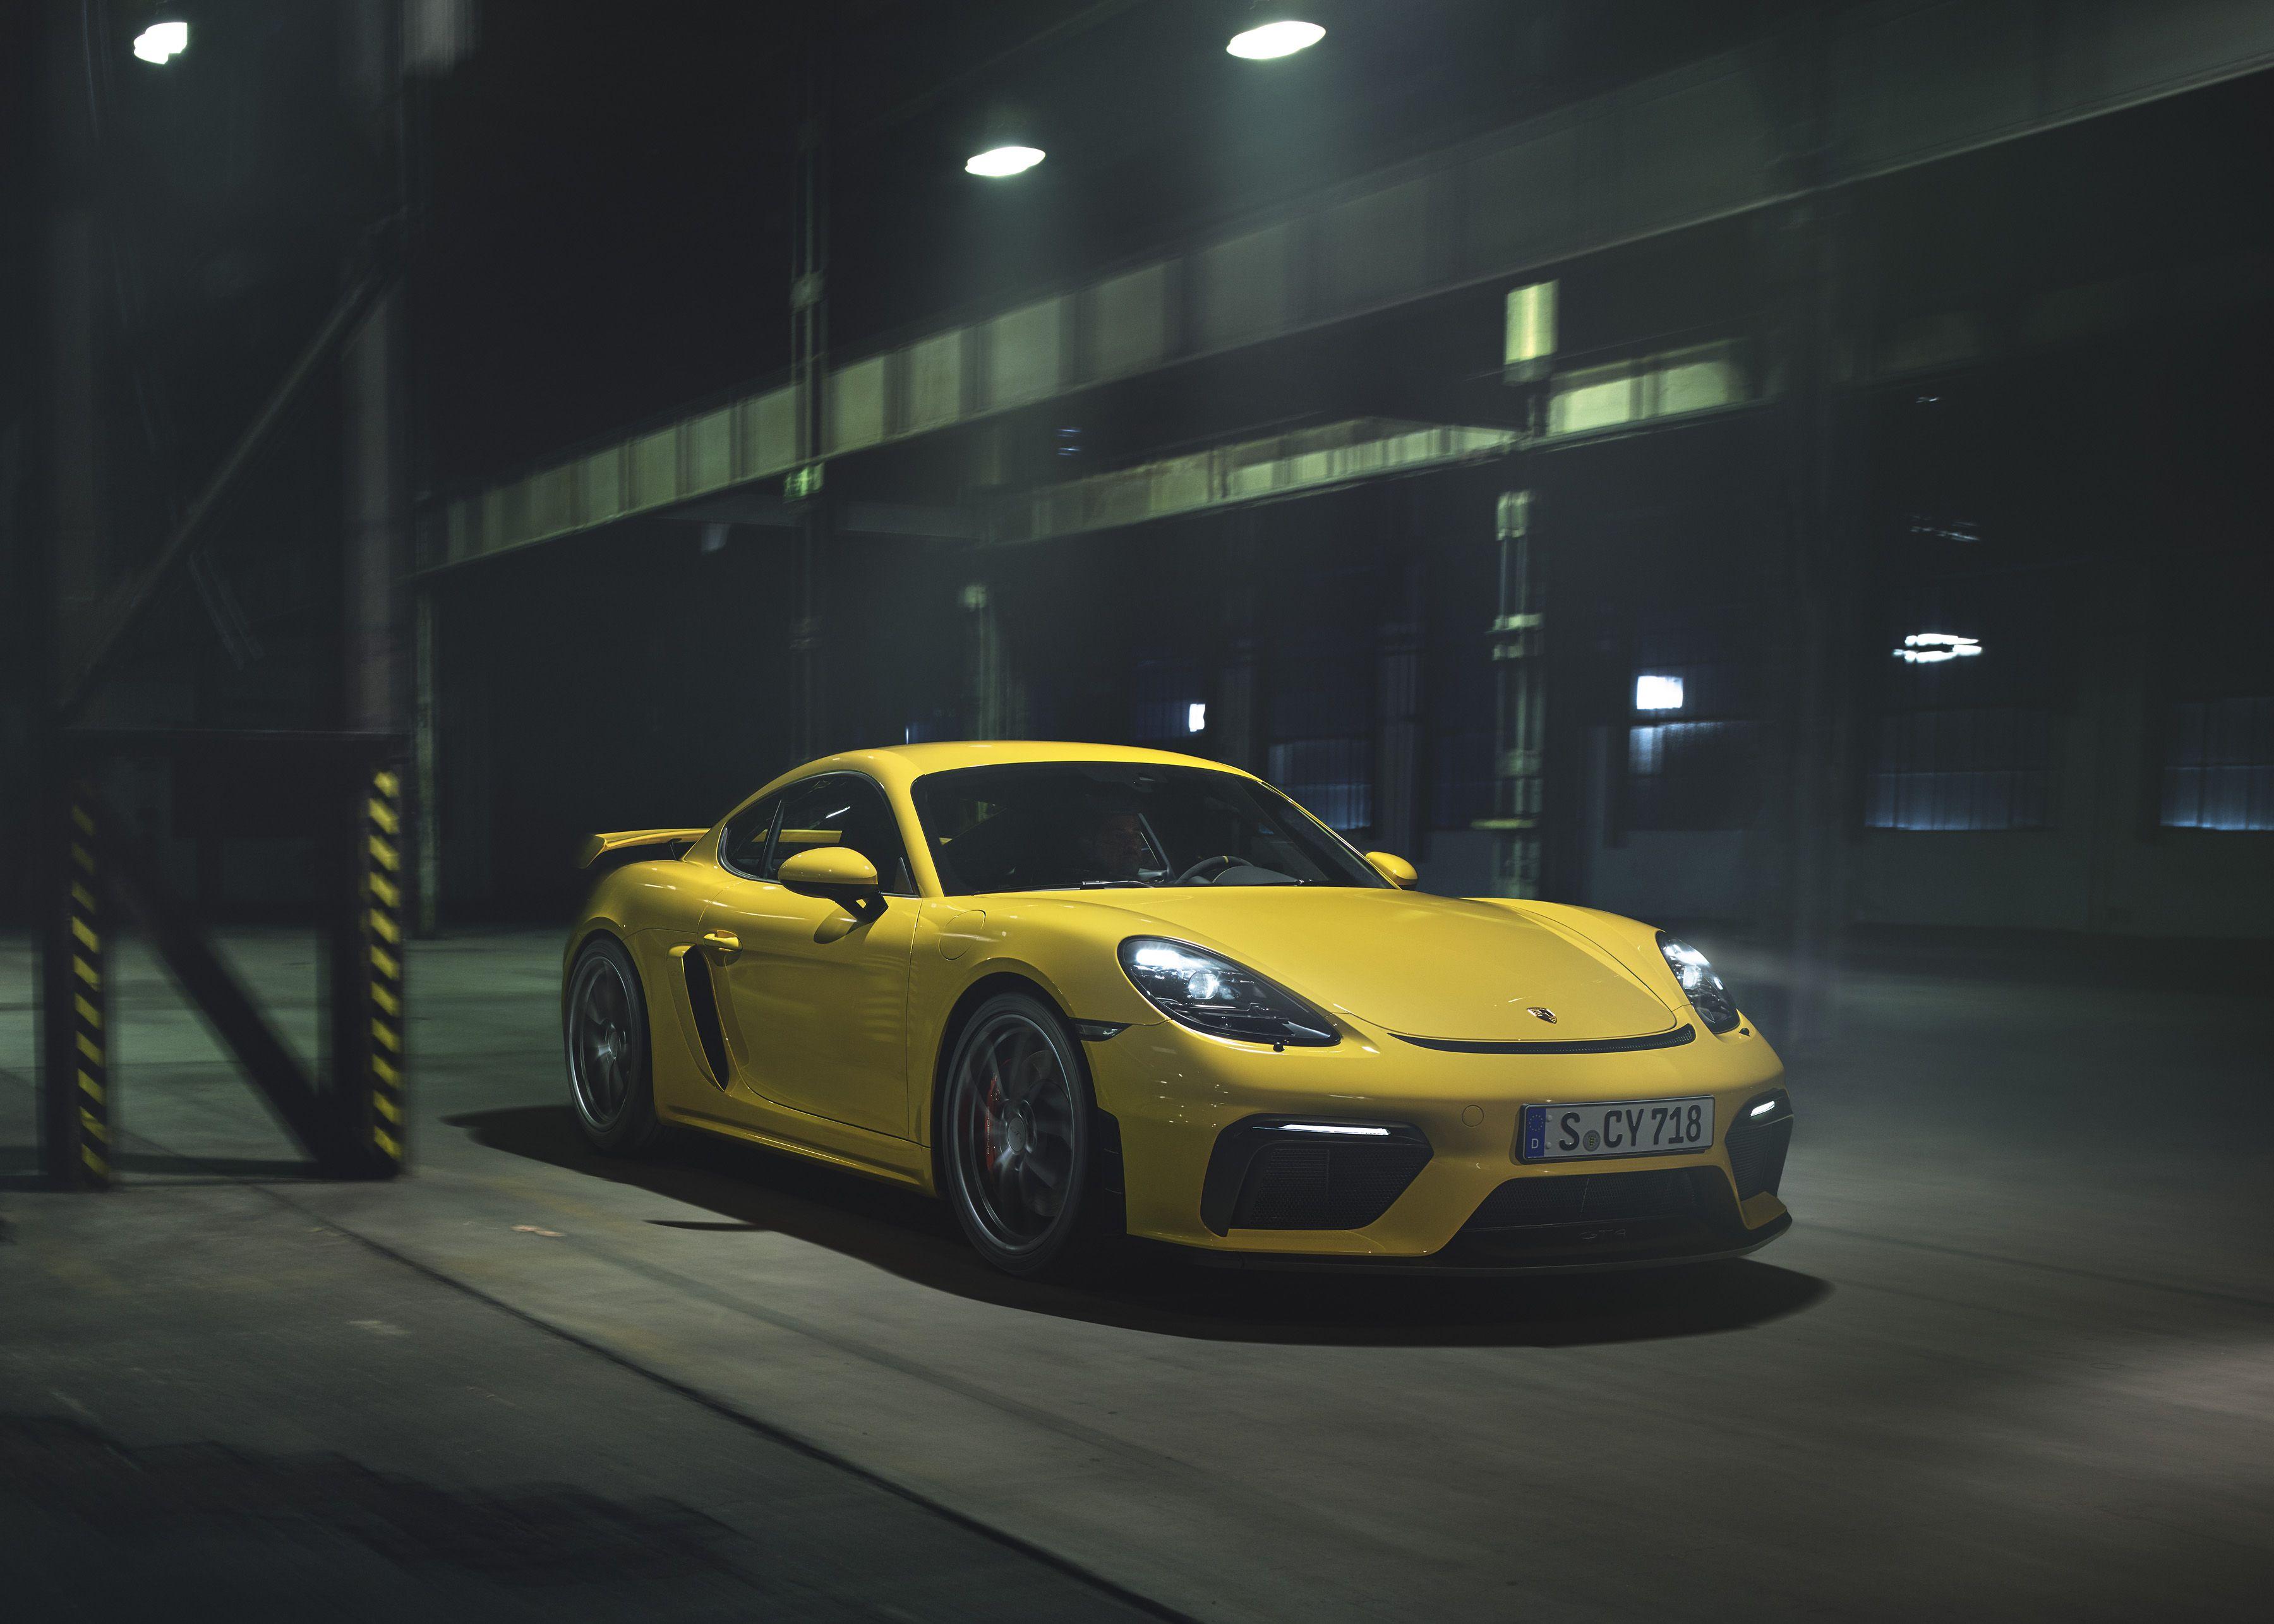 The 2020 Porsche 718 Cayman Gt4 Has A New 414 Horsepower 4 0 Liter Boxer Six Top Speed Porsche 718 Cayman Gt4 Porsche 718 Cayman 718 Cayman